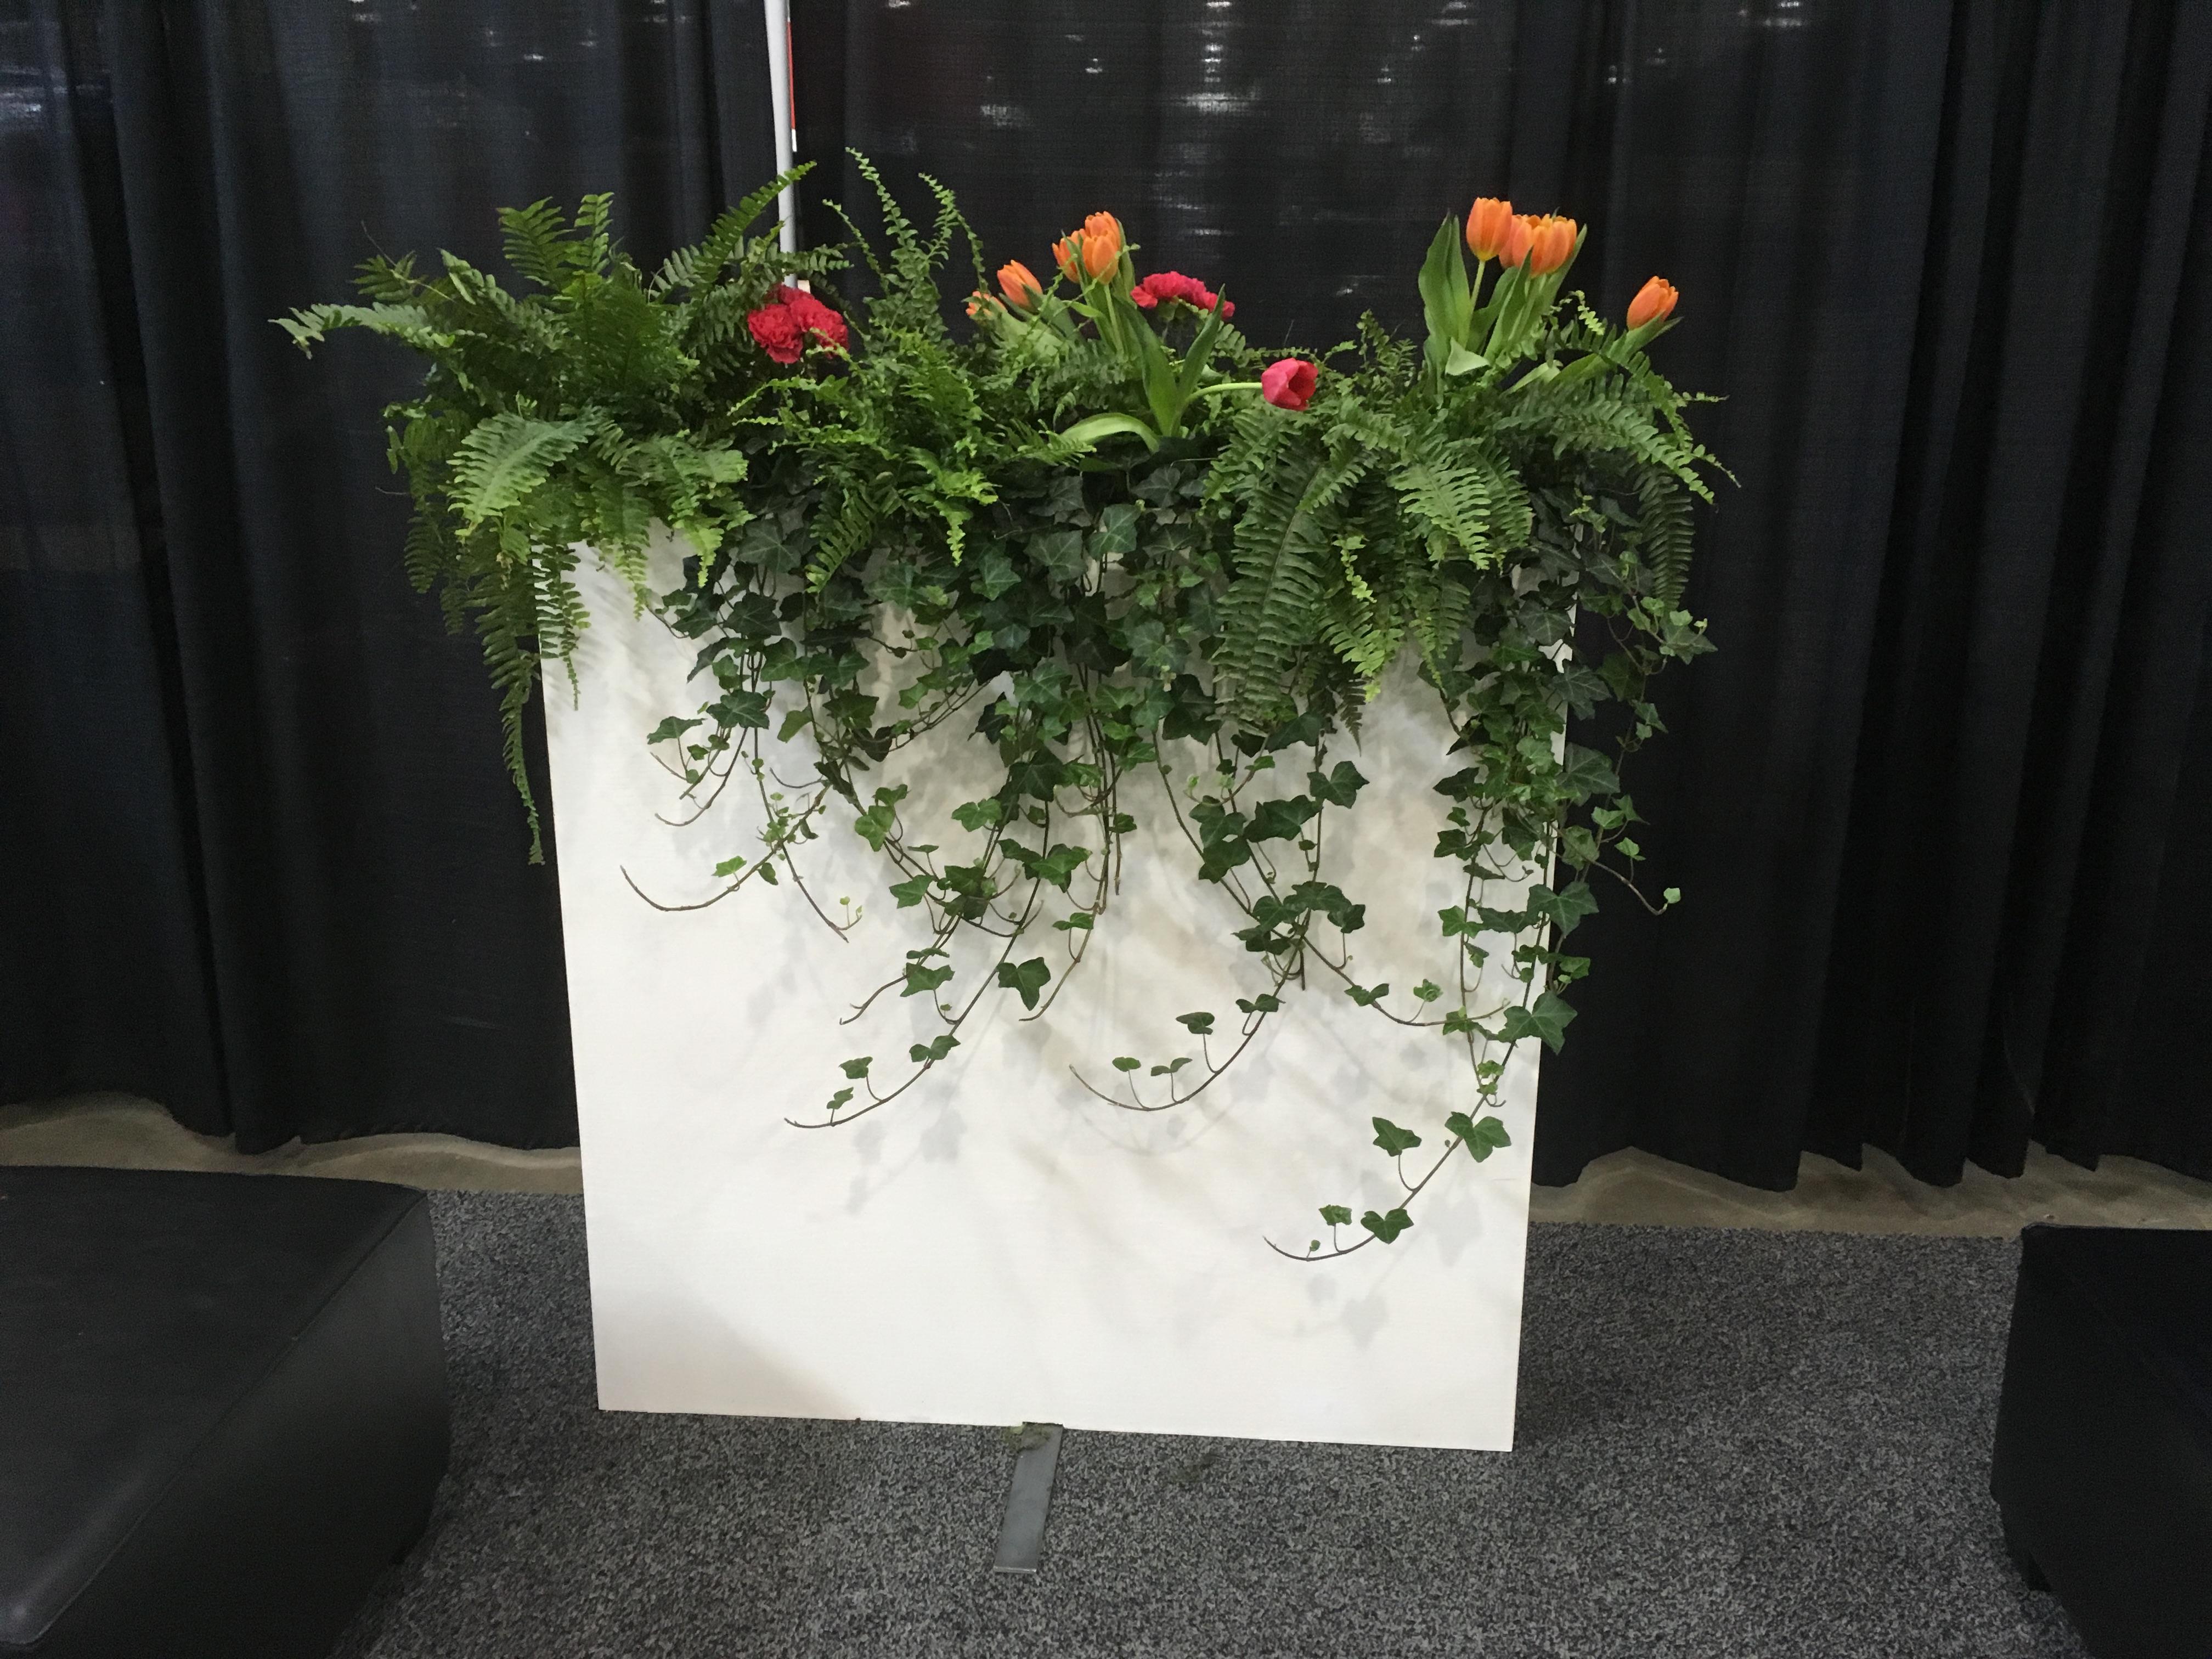 15.Planter Walls